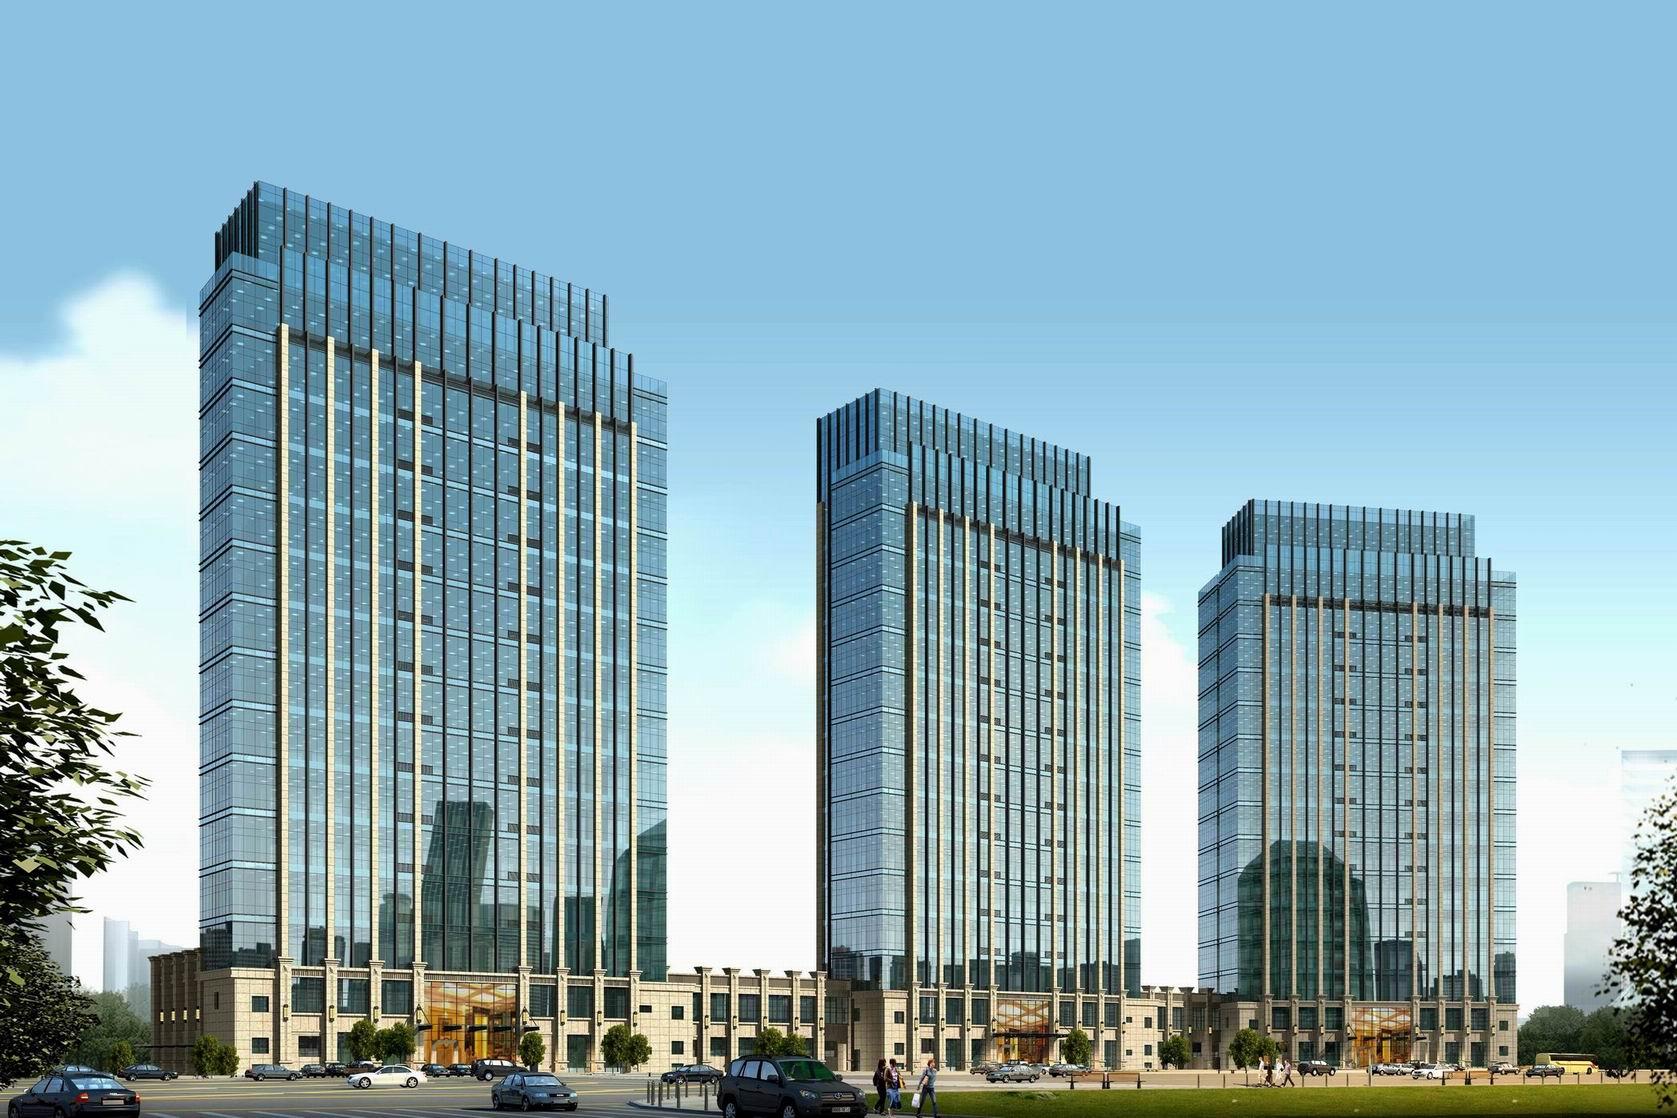 建设单位:海峡现代(厦门)有限公司 主体设计单位:厦门中建东北设计院